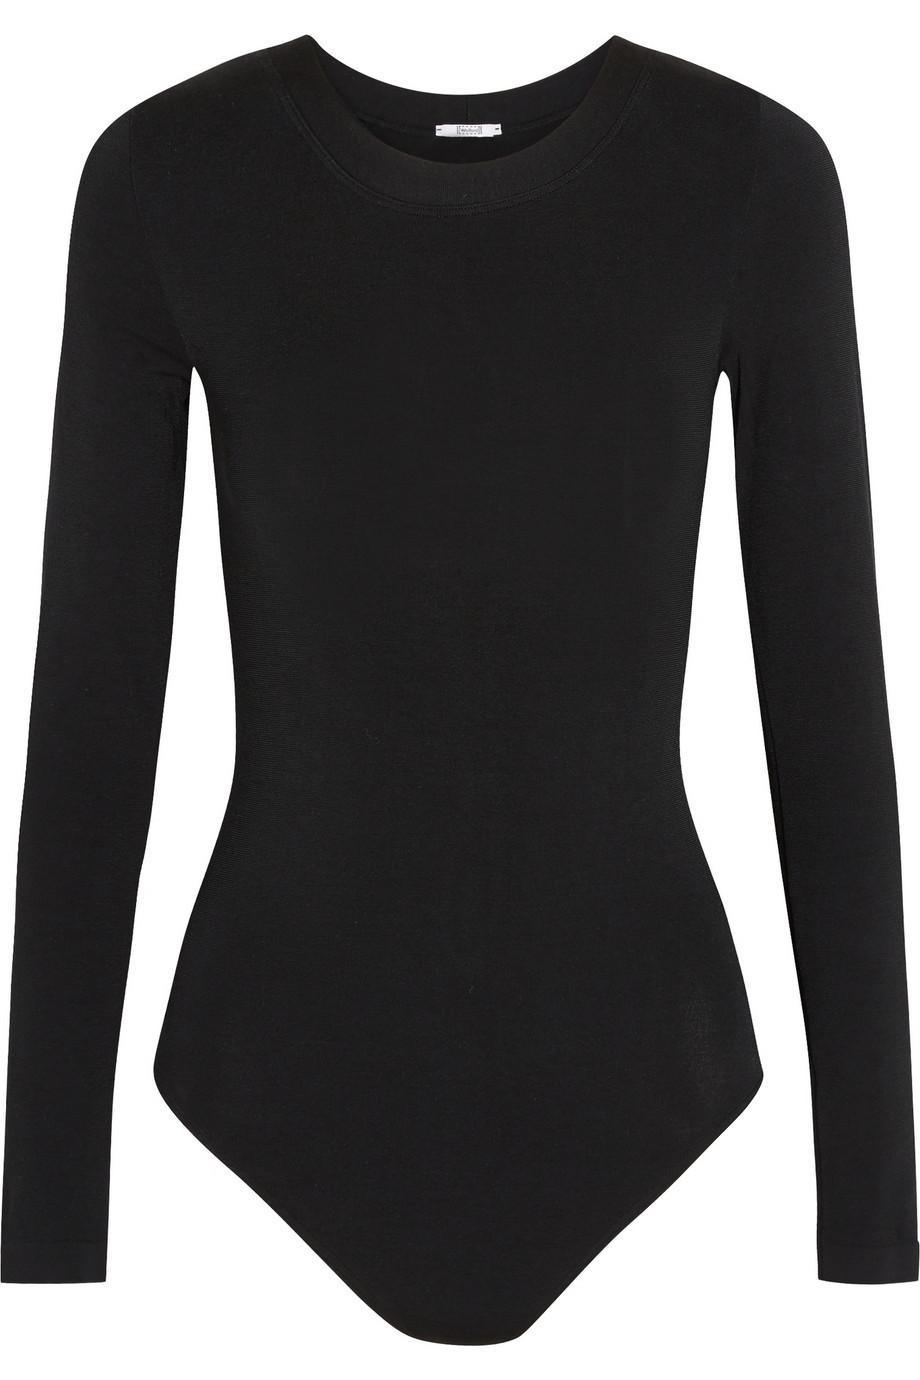 Wolford Berlin Stretch-Jersey Bodysuit in black